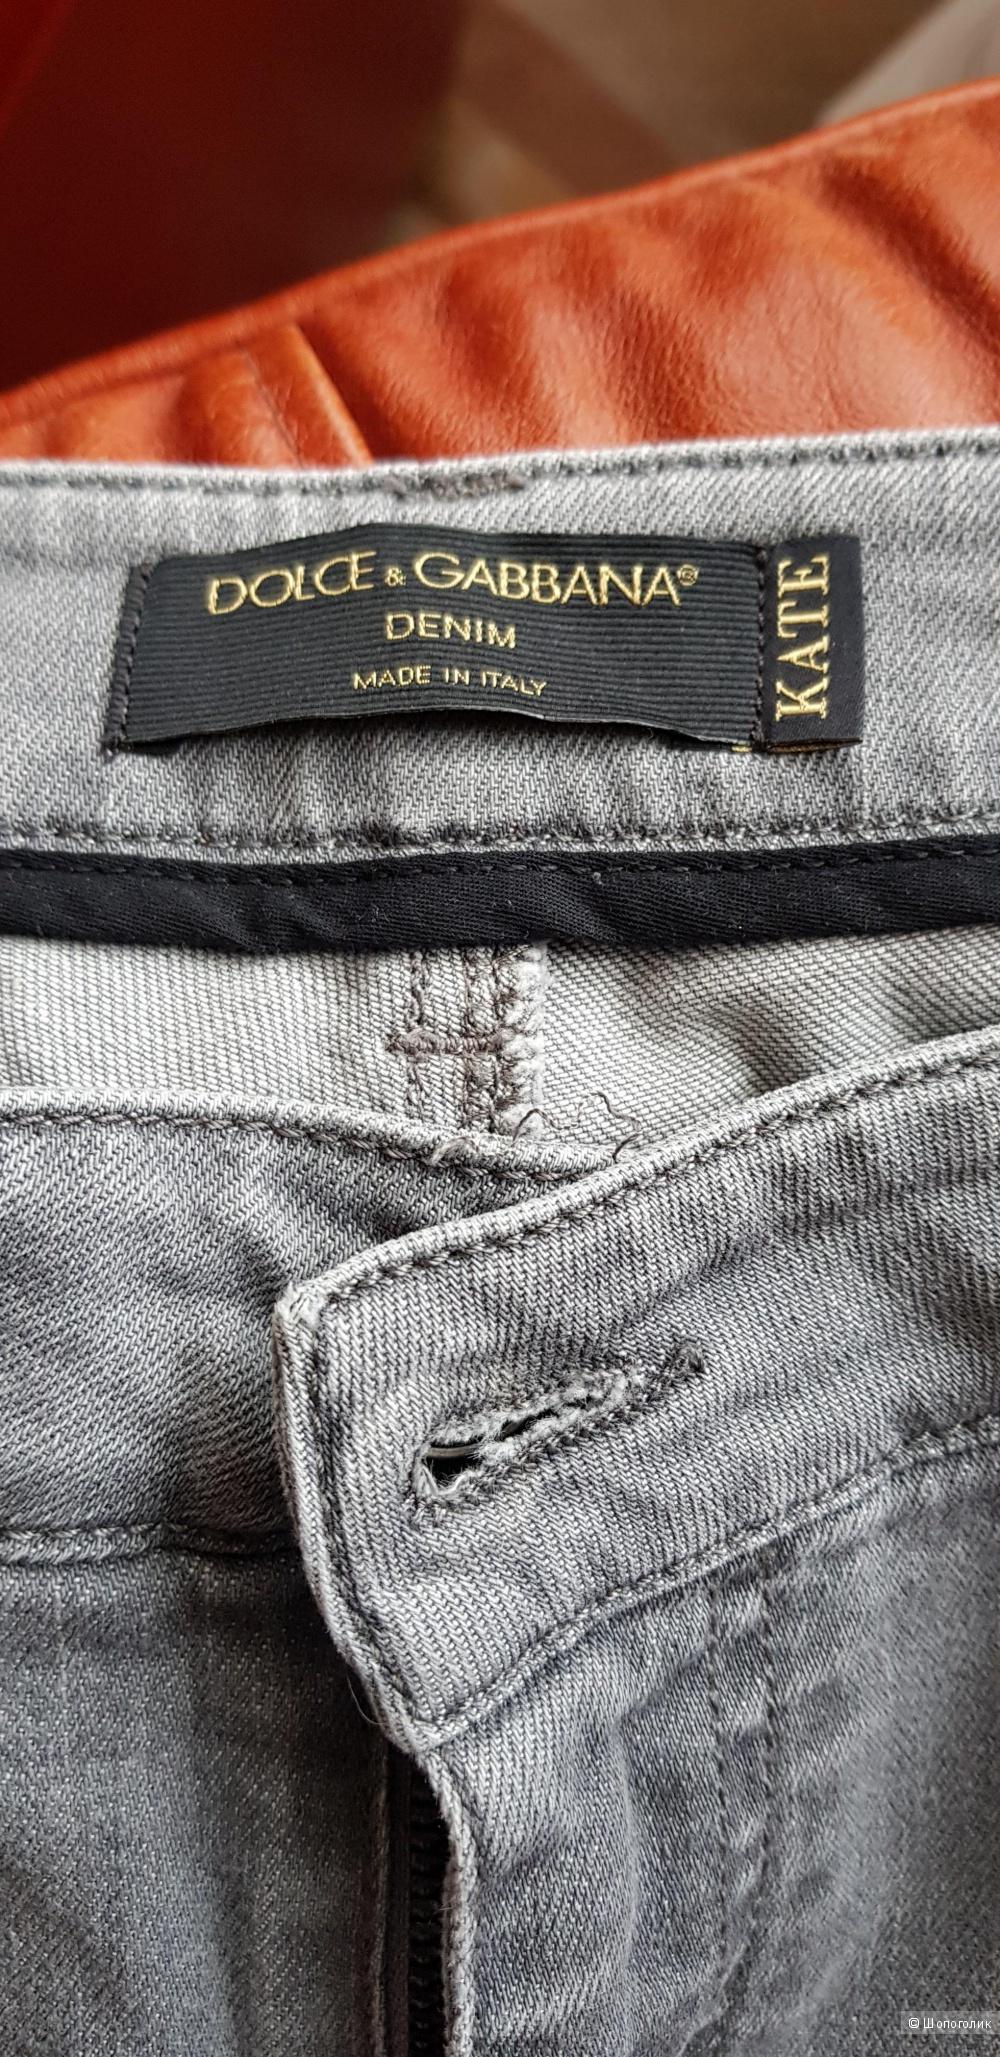 Джинсы, Dolce & Gabbana , 46 ит. размер